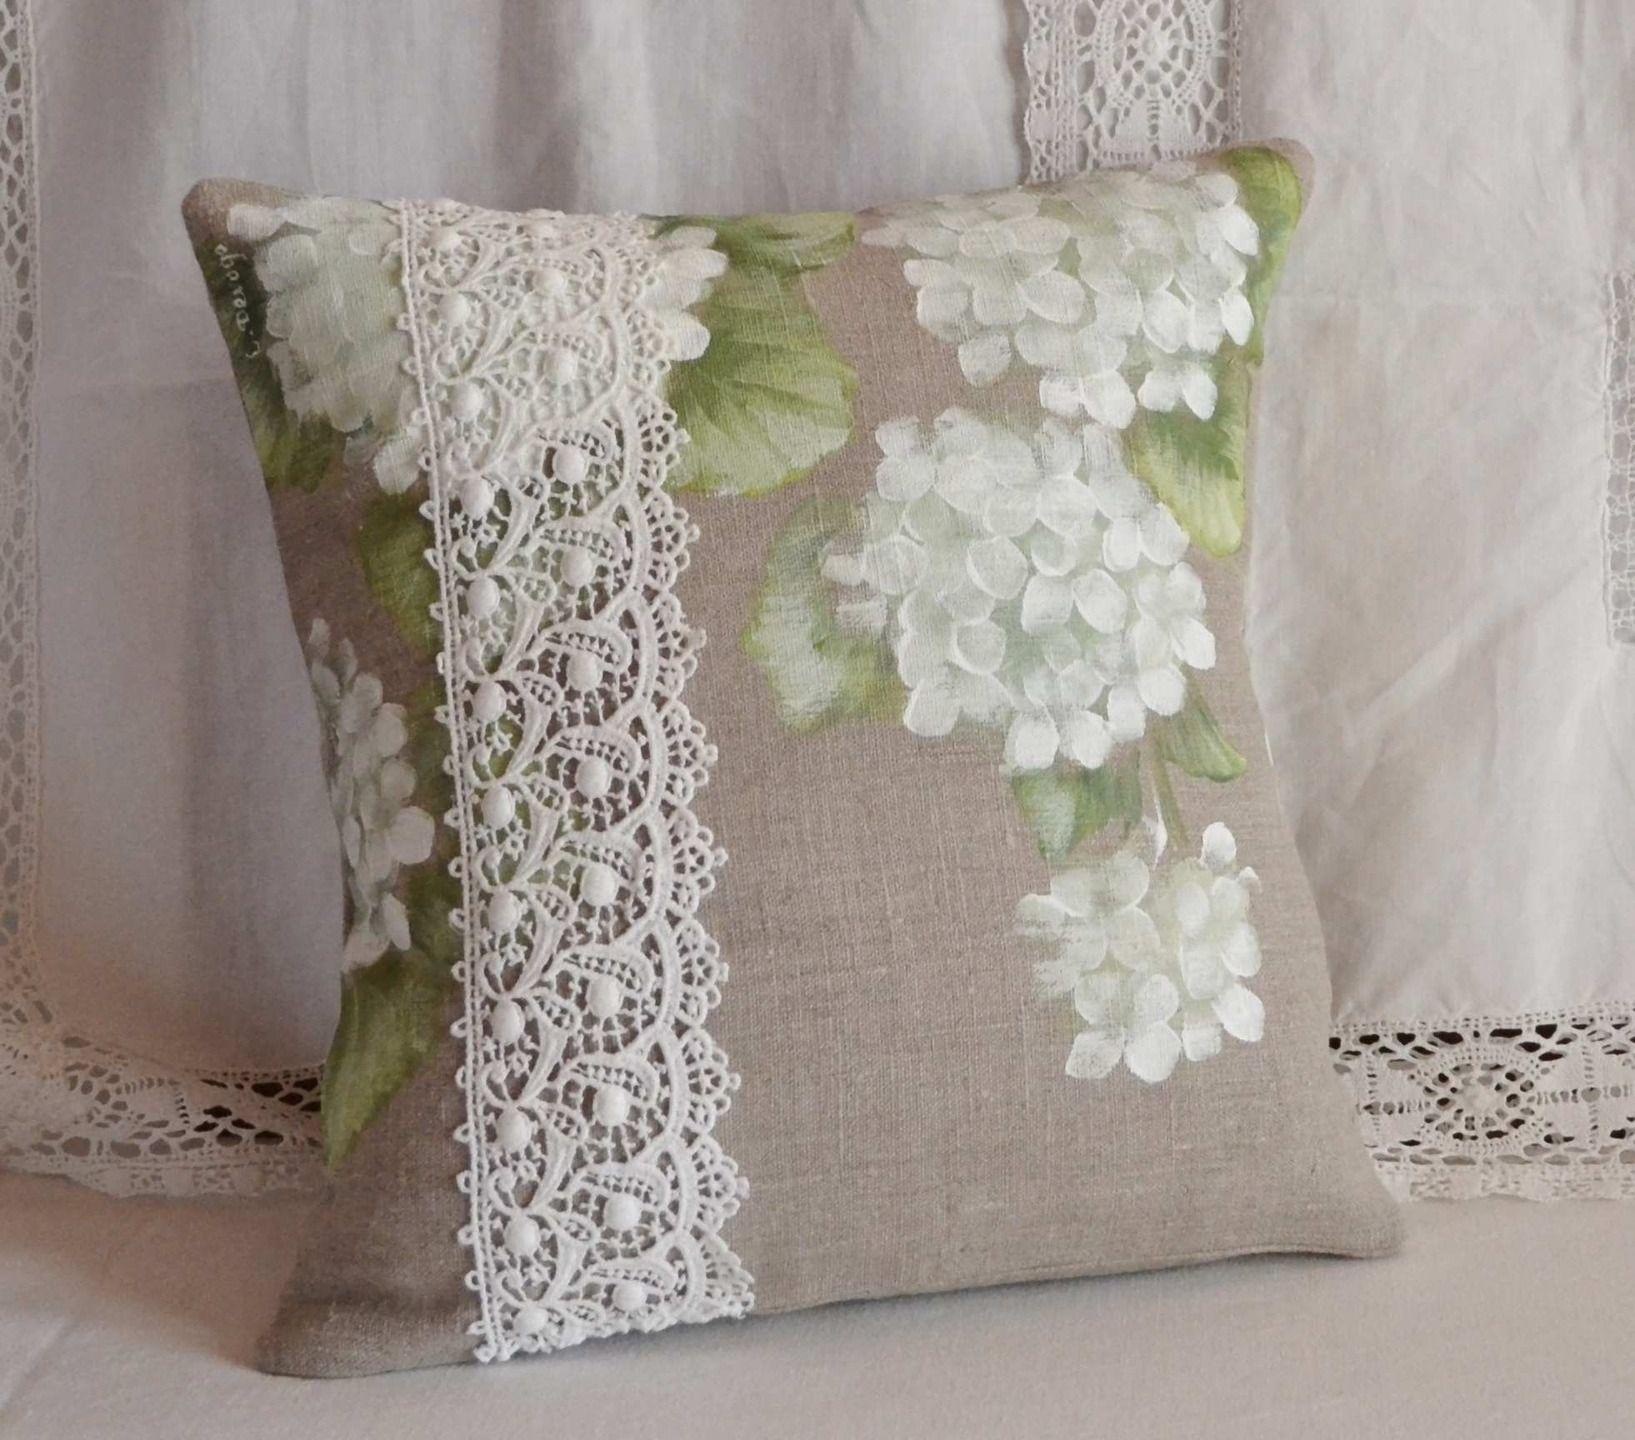 housse de coussin en lin fleurs hortensias blancs : accessoires de